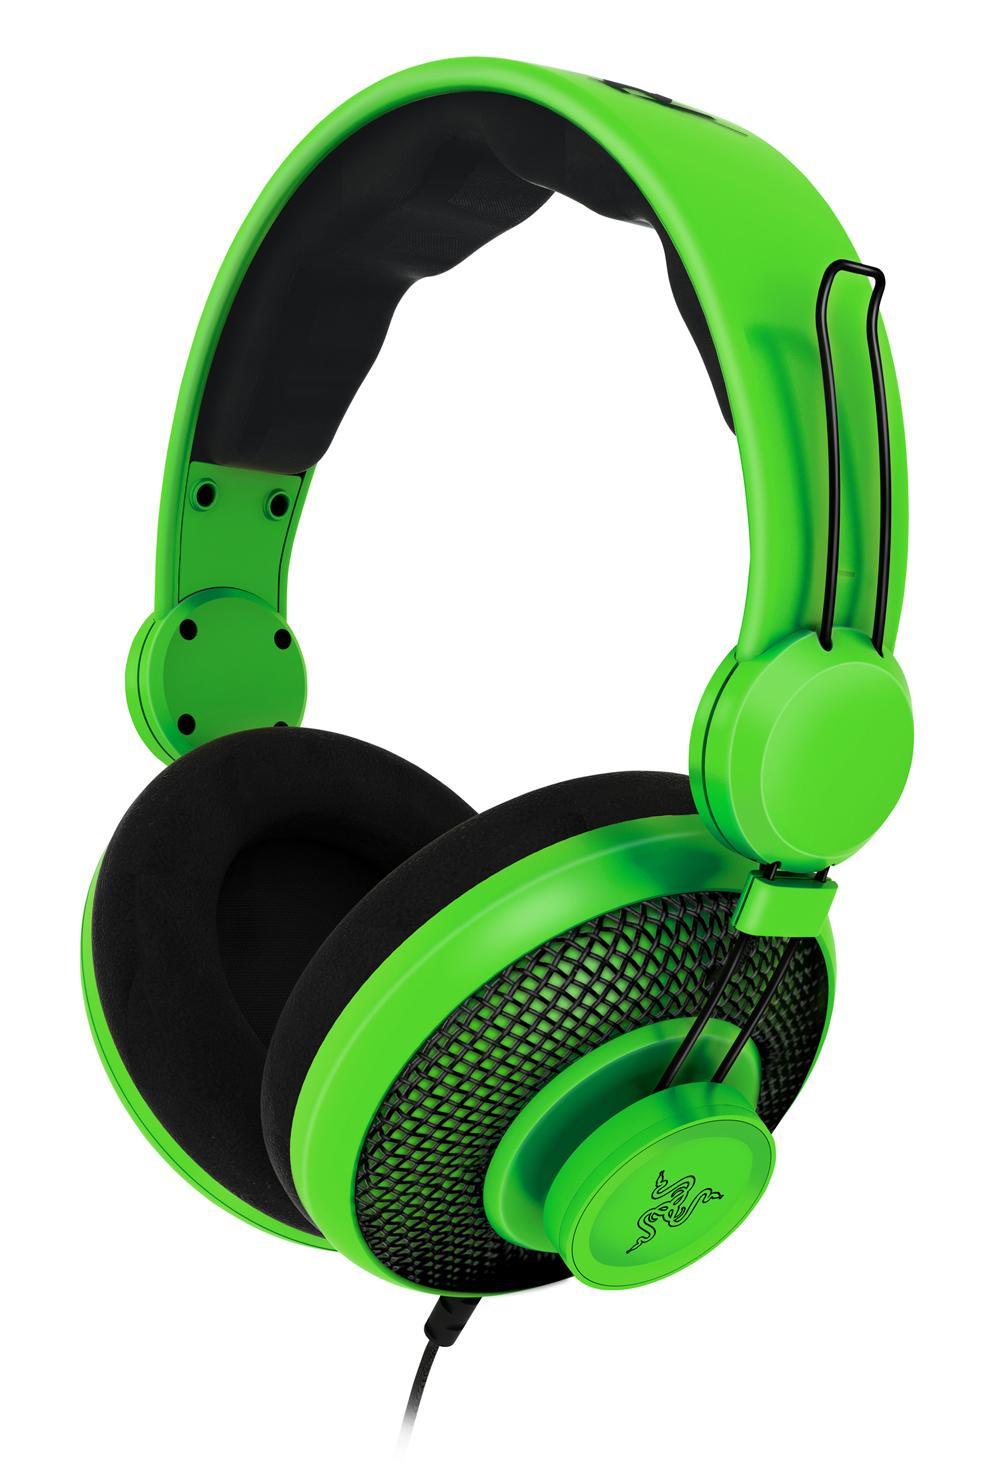 Razer has some pretty green headphones